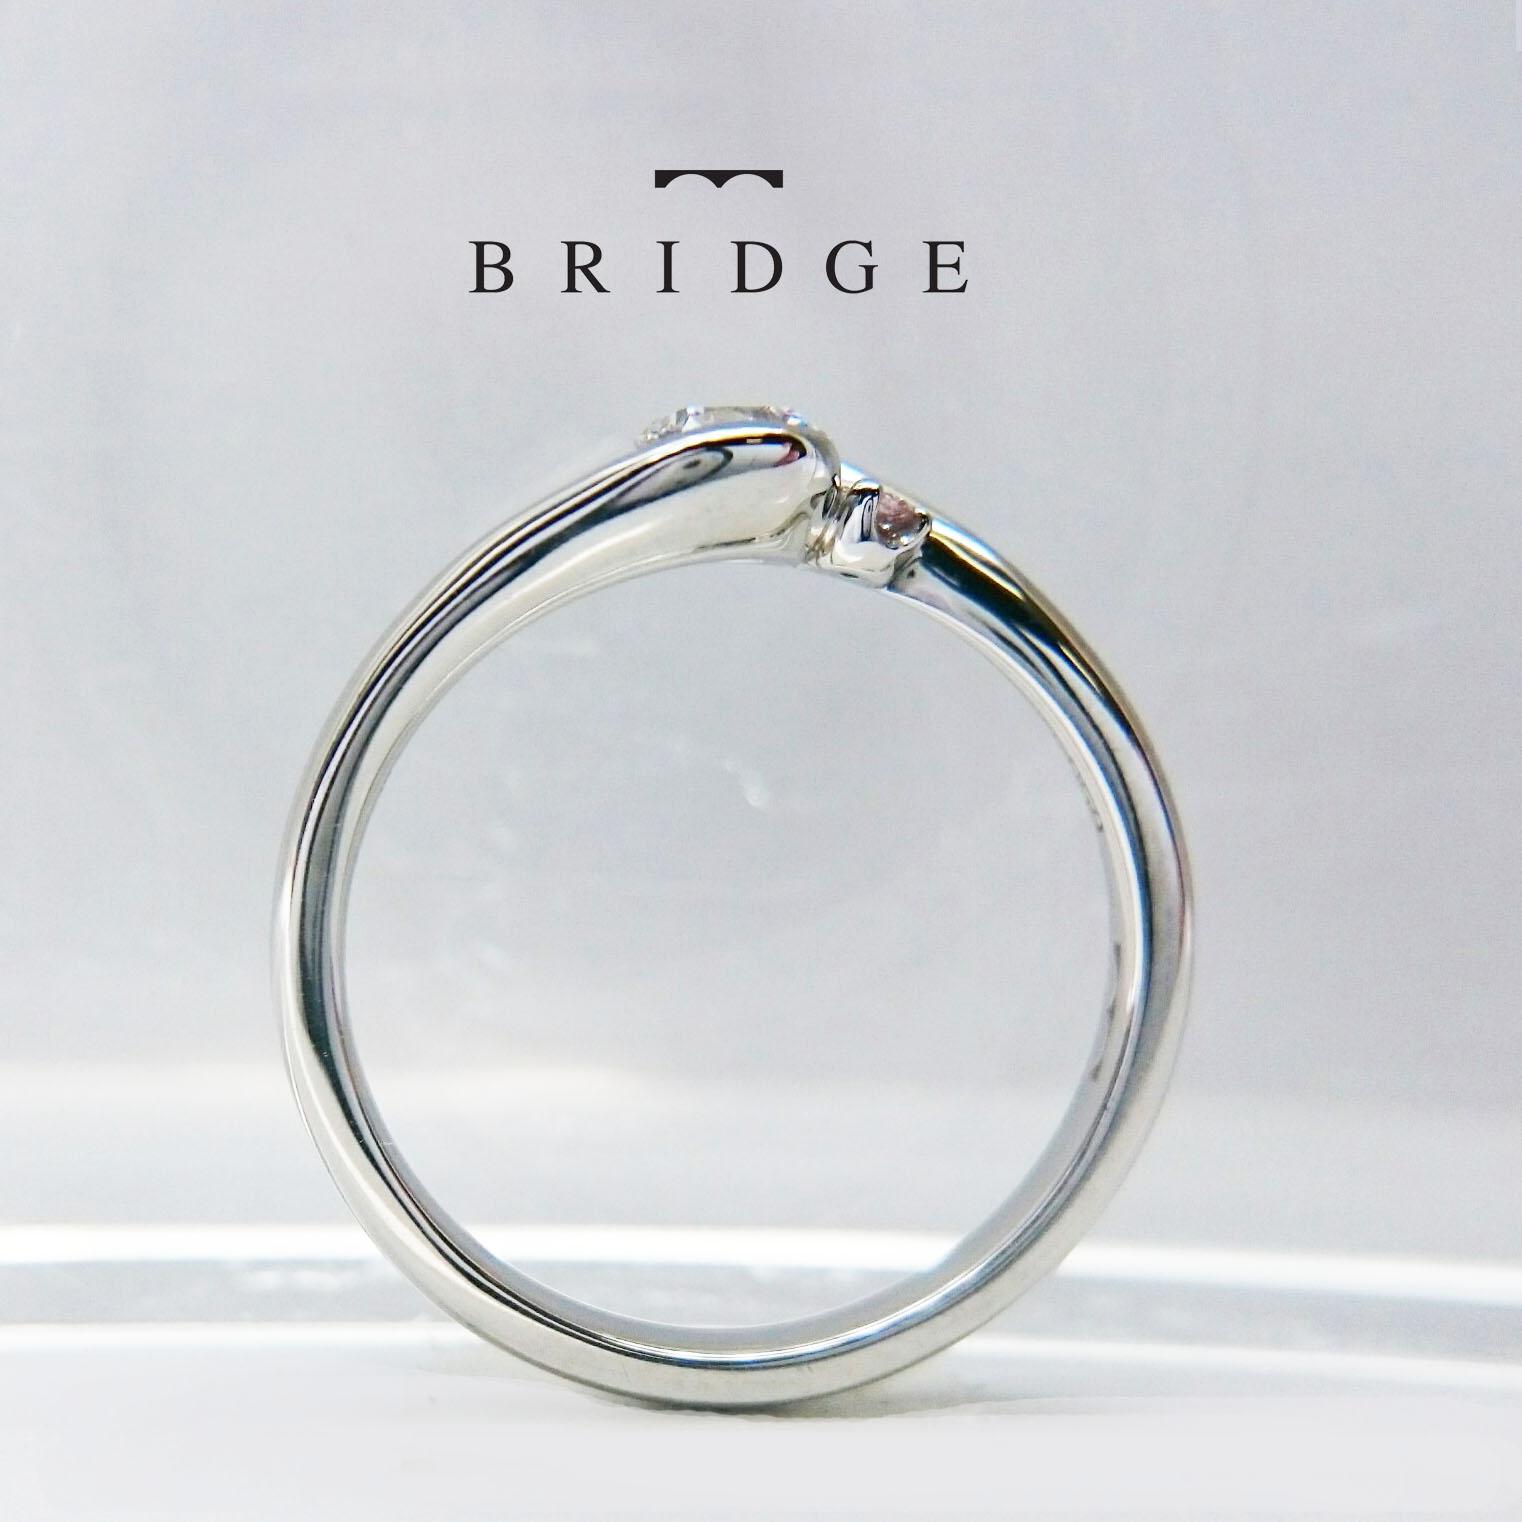 ベゼルセッティングというダイヤモンドの留め方をしています。少し個性的な婚約指輪をお探しの方にオススメです